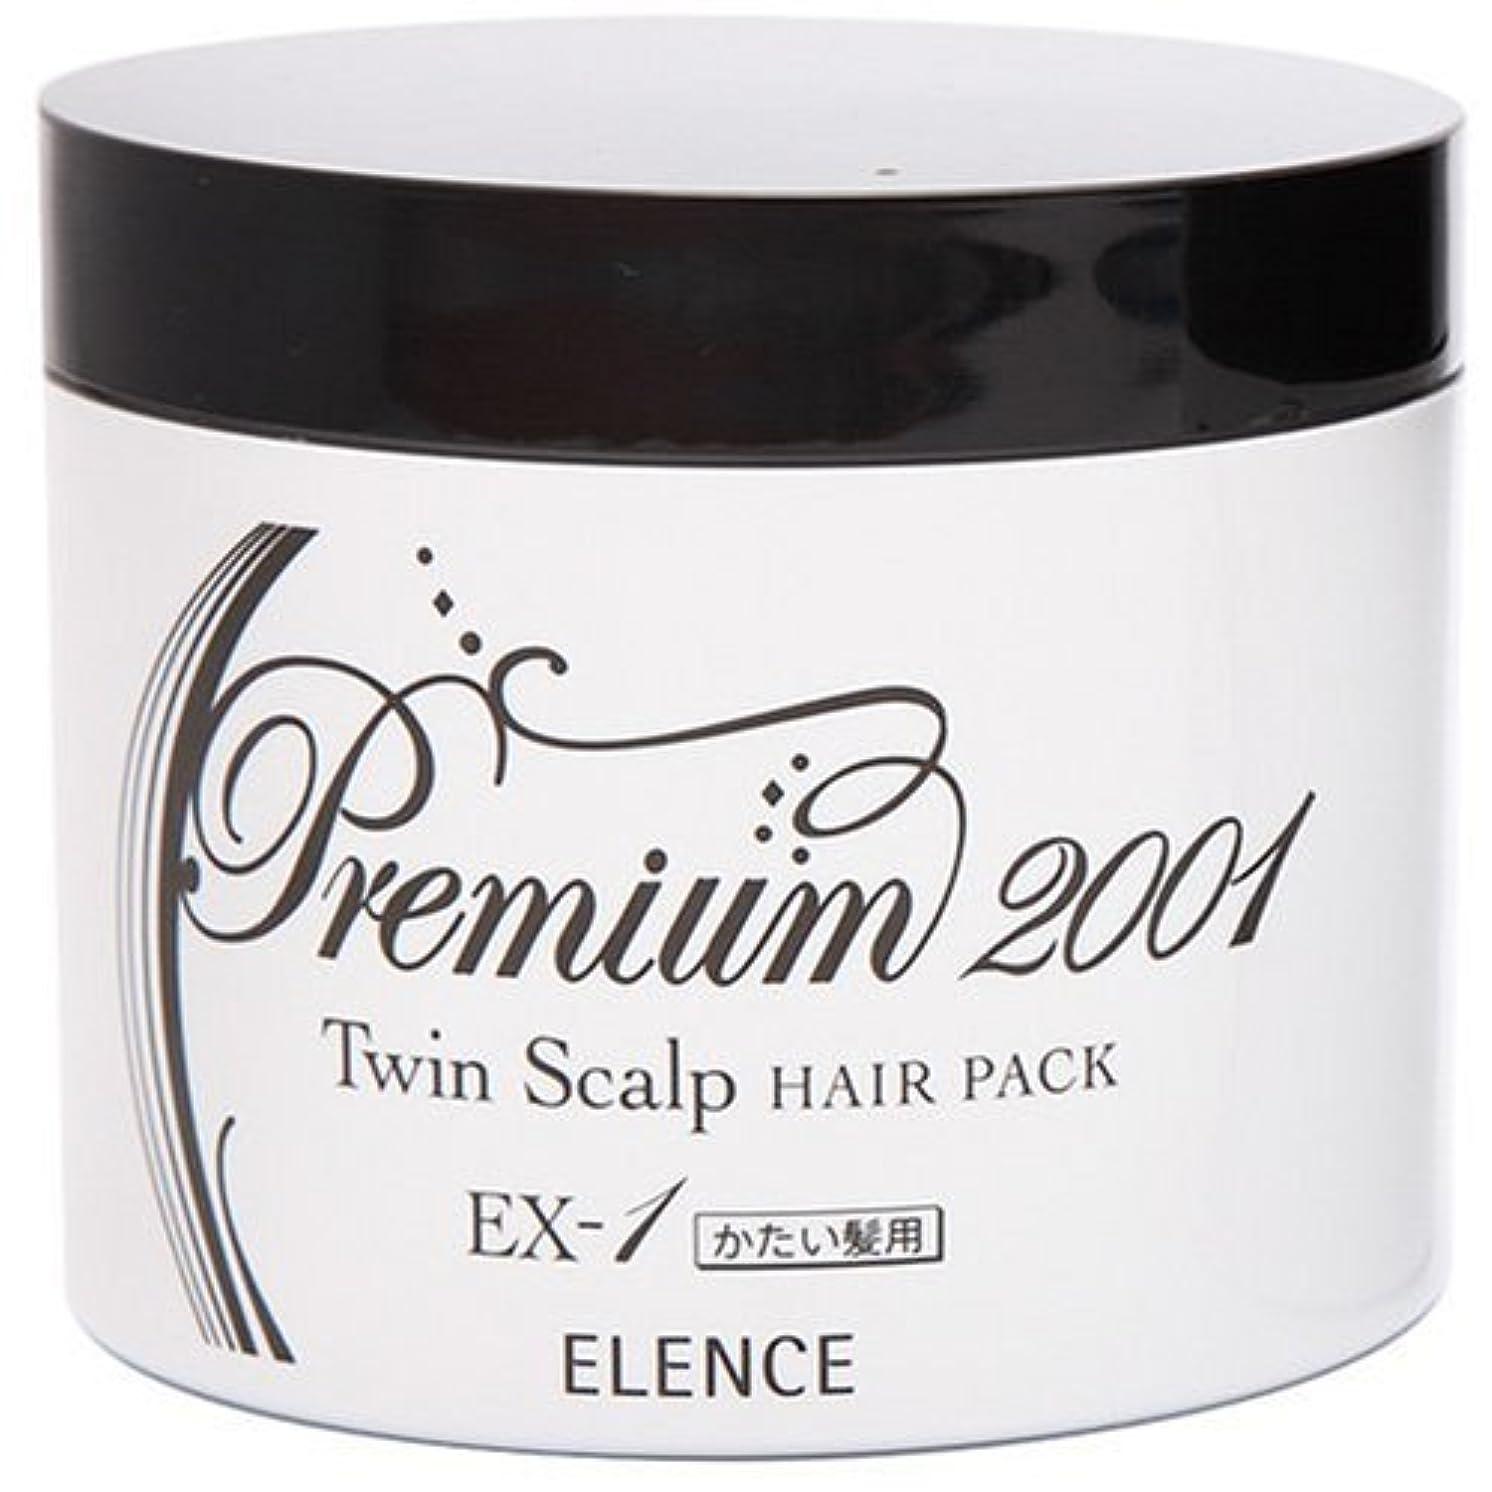 アーサーコナンドイルマーキー声を出してエレンス2001 ツインスキャルプヘアパックEX-1(かたい髪用)